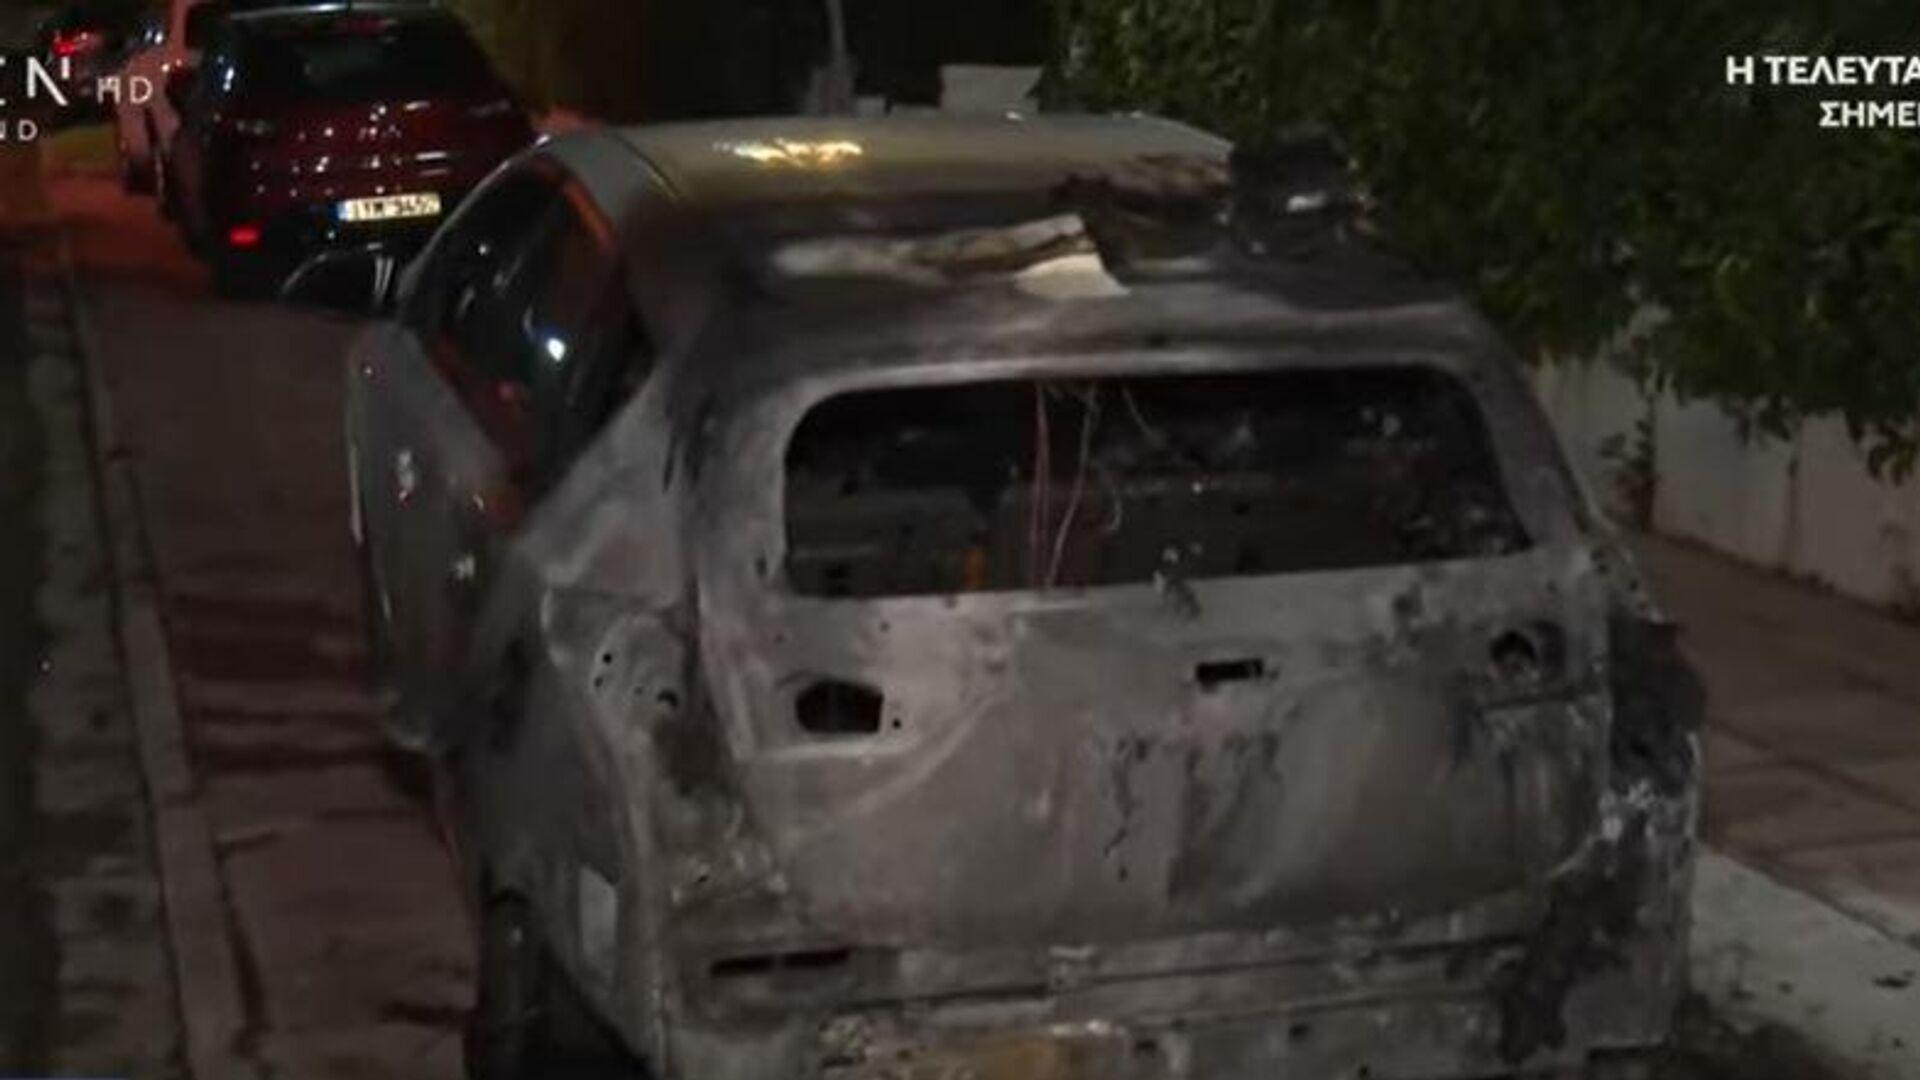 Πεύκη: Επίθεση με γκαζάκια σε αυτοκίνητο - Sputnik Ελλάδα, 1920, 06.10.2021